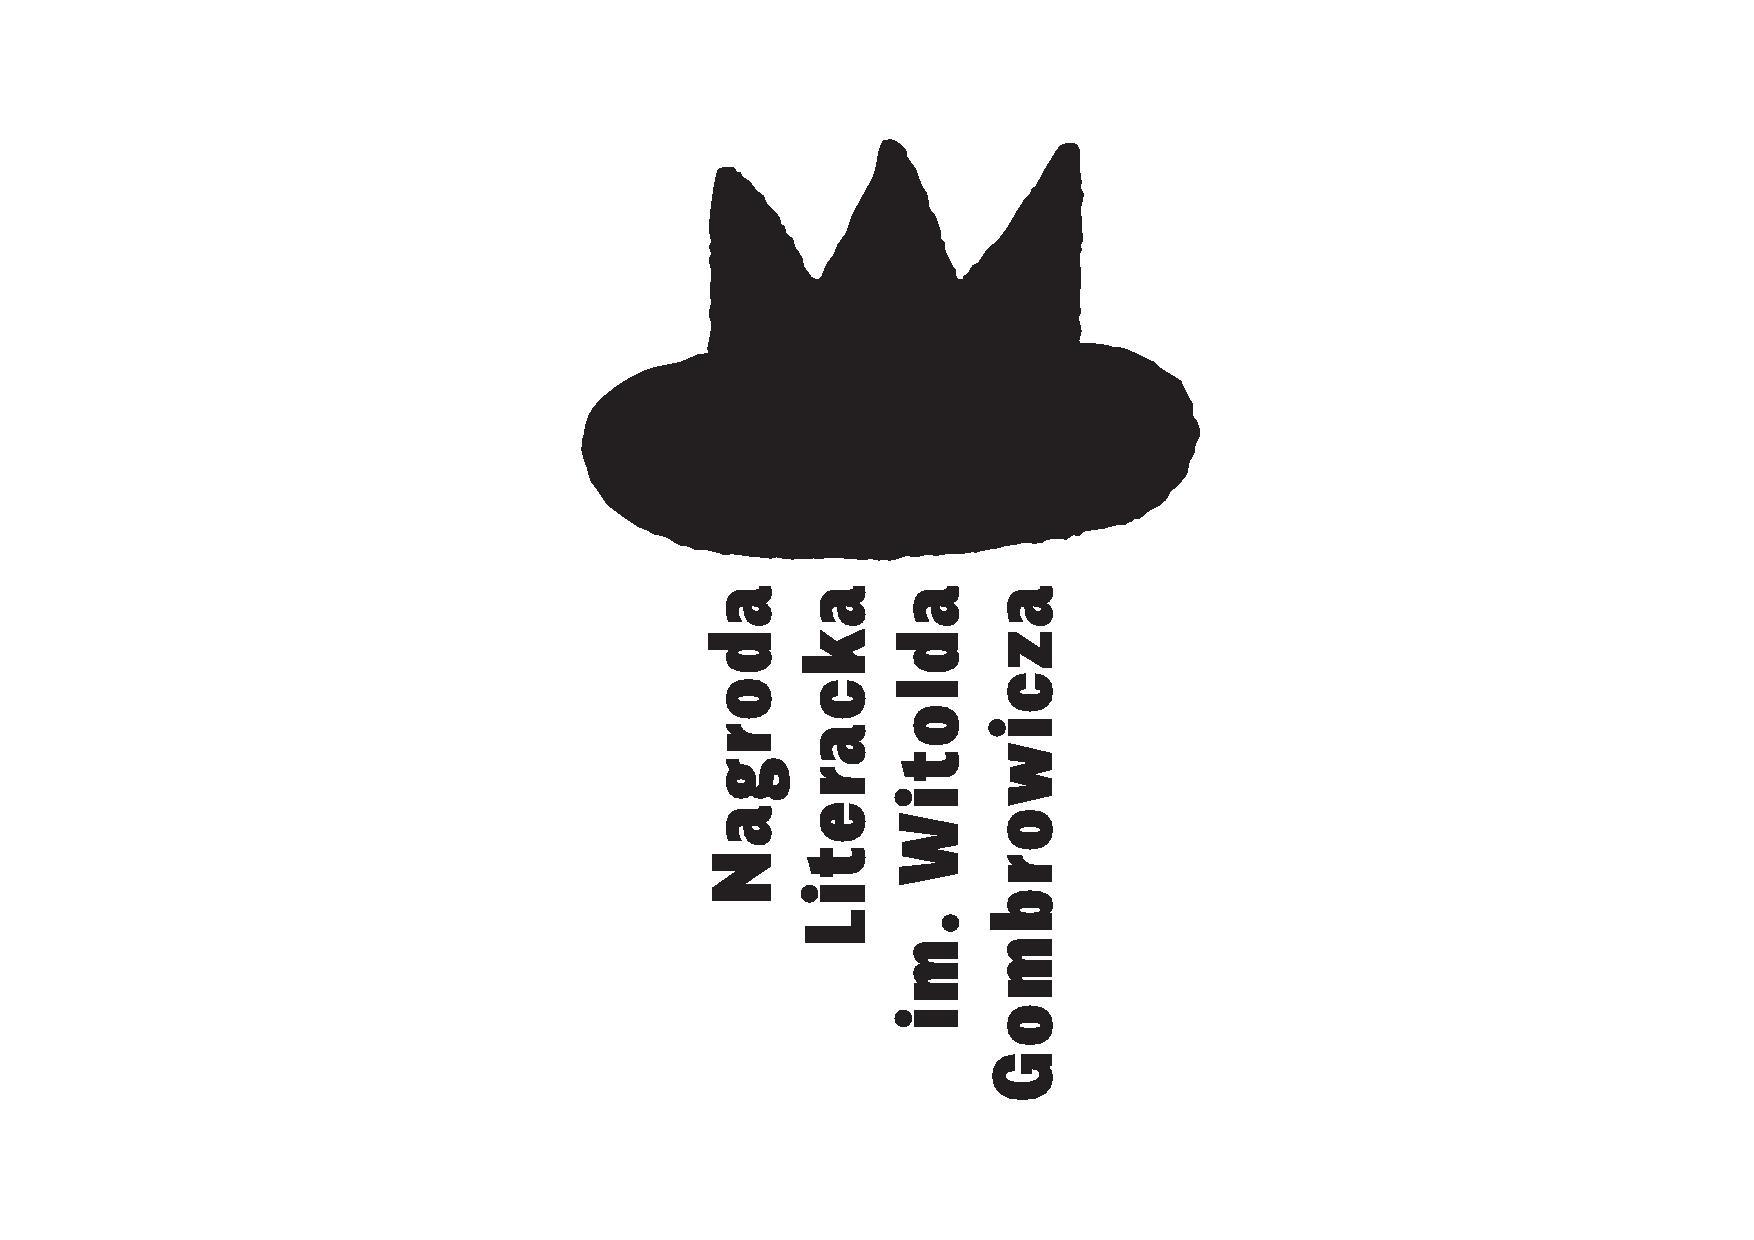 Nagroda Literacka im. Witolda Gombrowicza – logotyp (źródło: materiały prasowe)